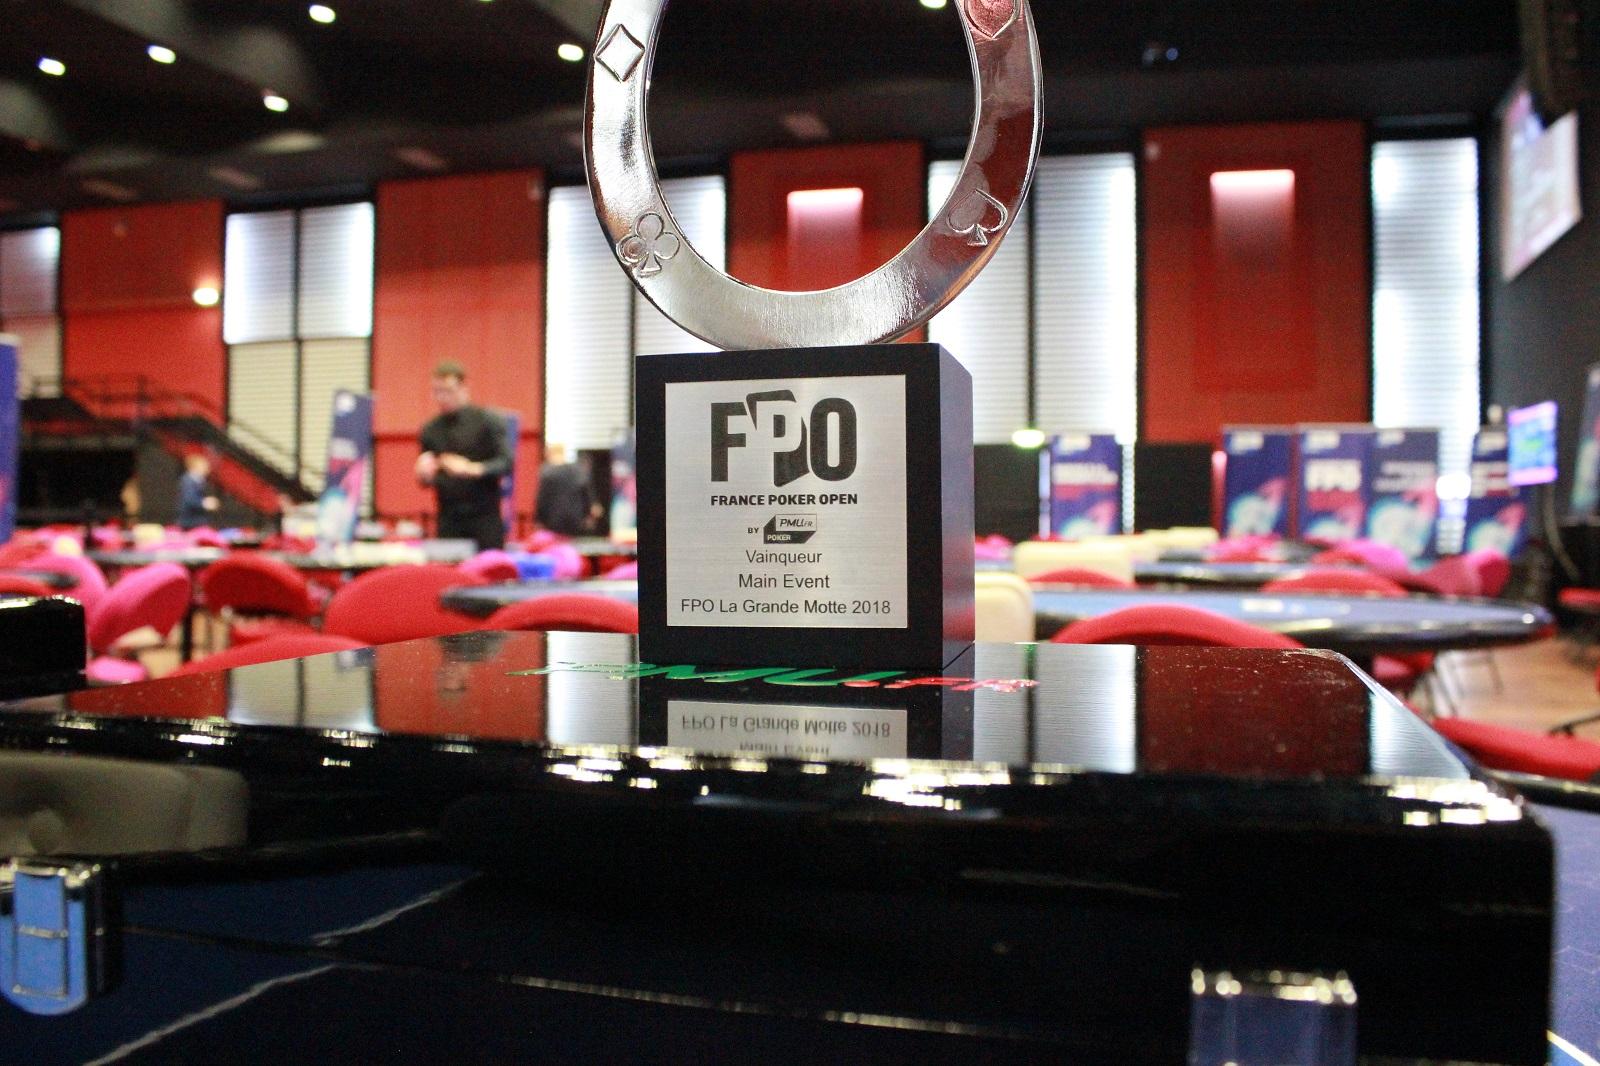 FPO LGM: tous les résultats & le leaderboard !